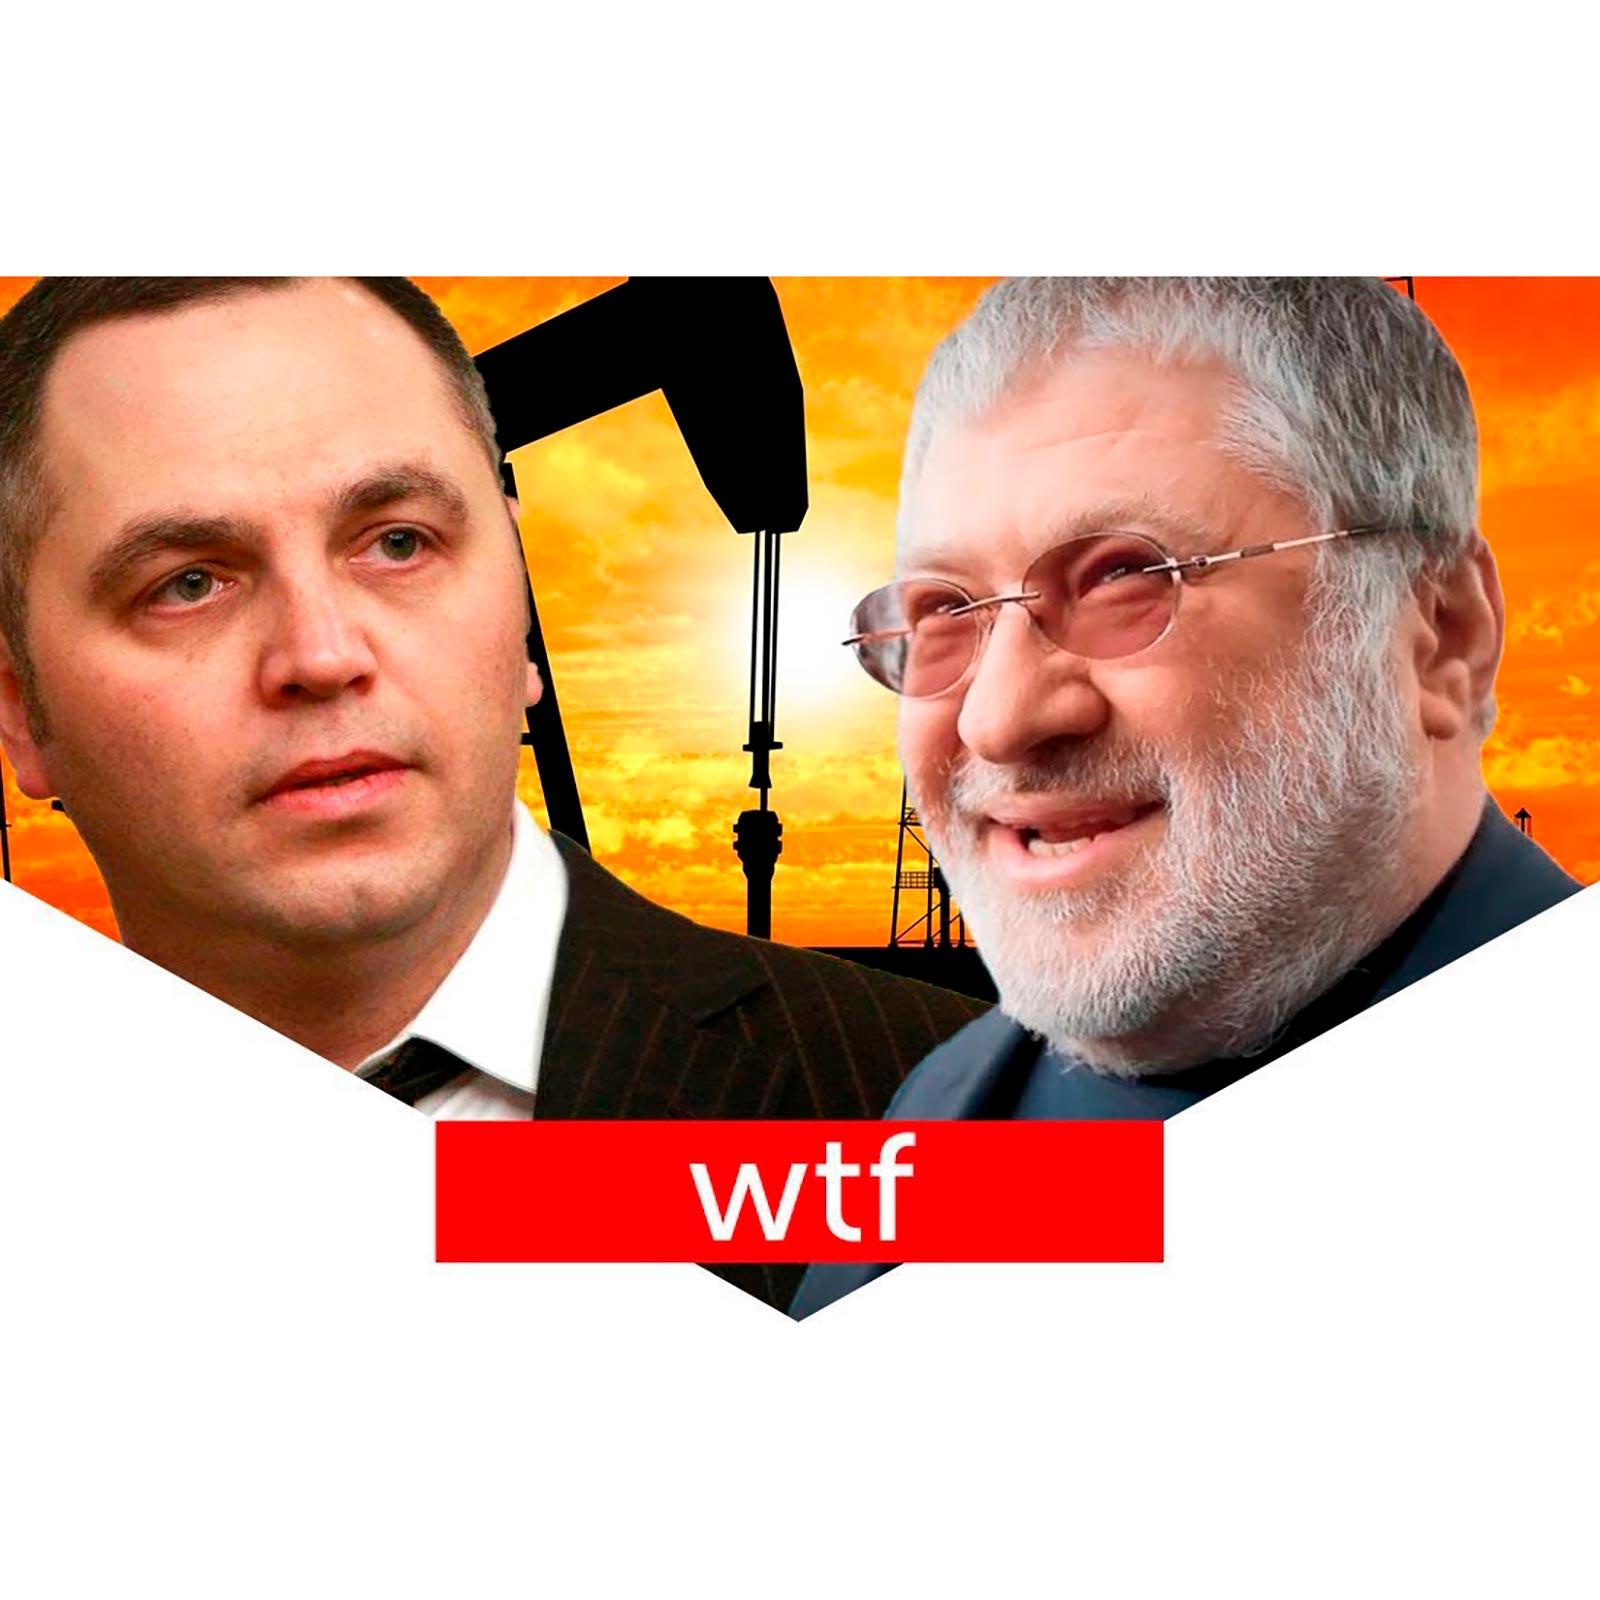 WTF | Генпрокурор Портнов, Дефолт Коломойського, коронавірус нафти та інші провокації тижня